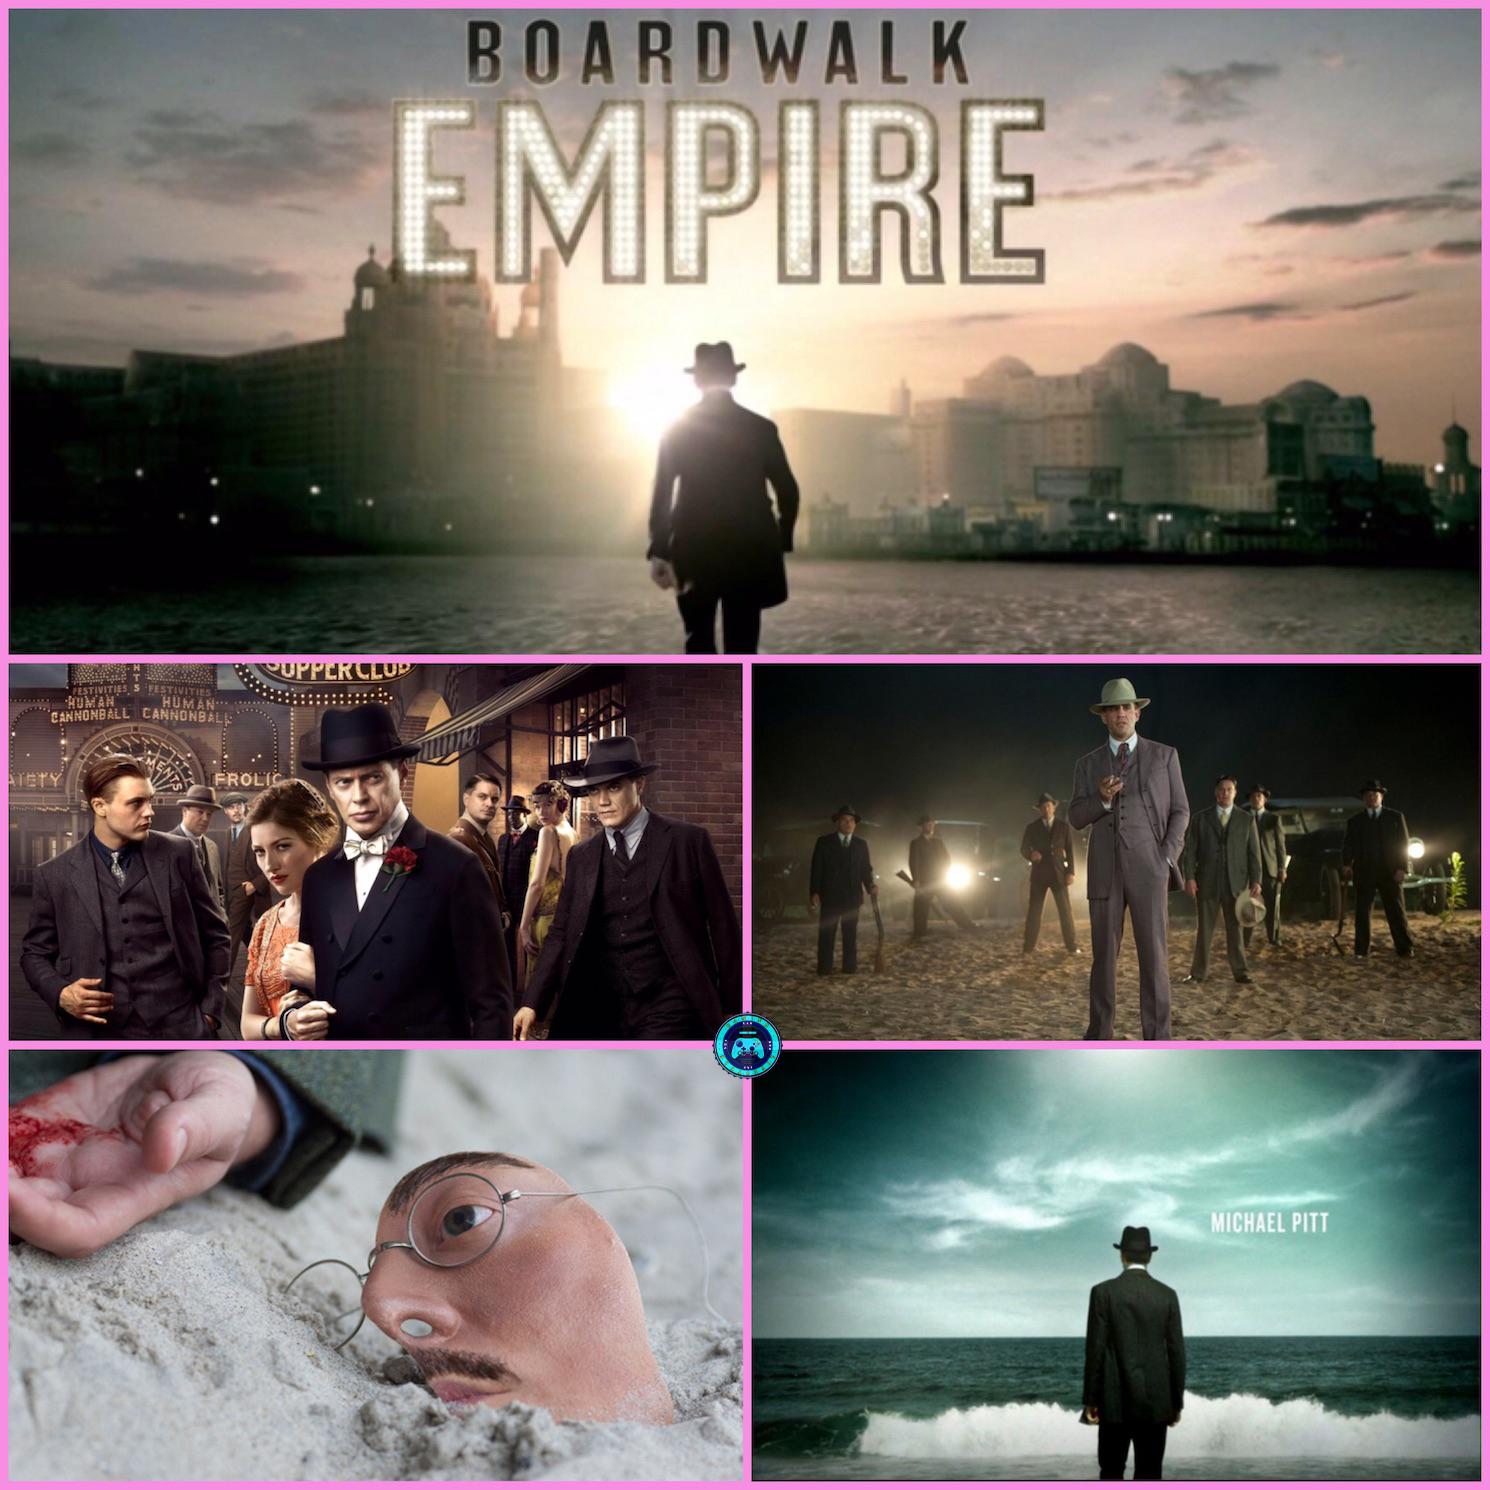 boardwalk-empire-considerazioni-riflessioni-insta-thoughts-serie-tv-cinema